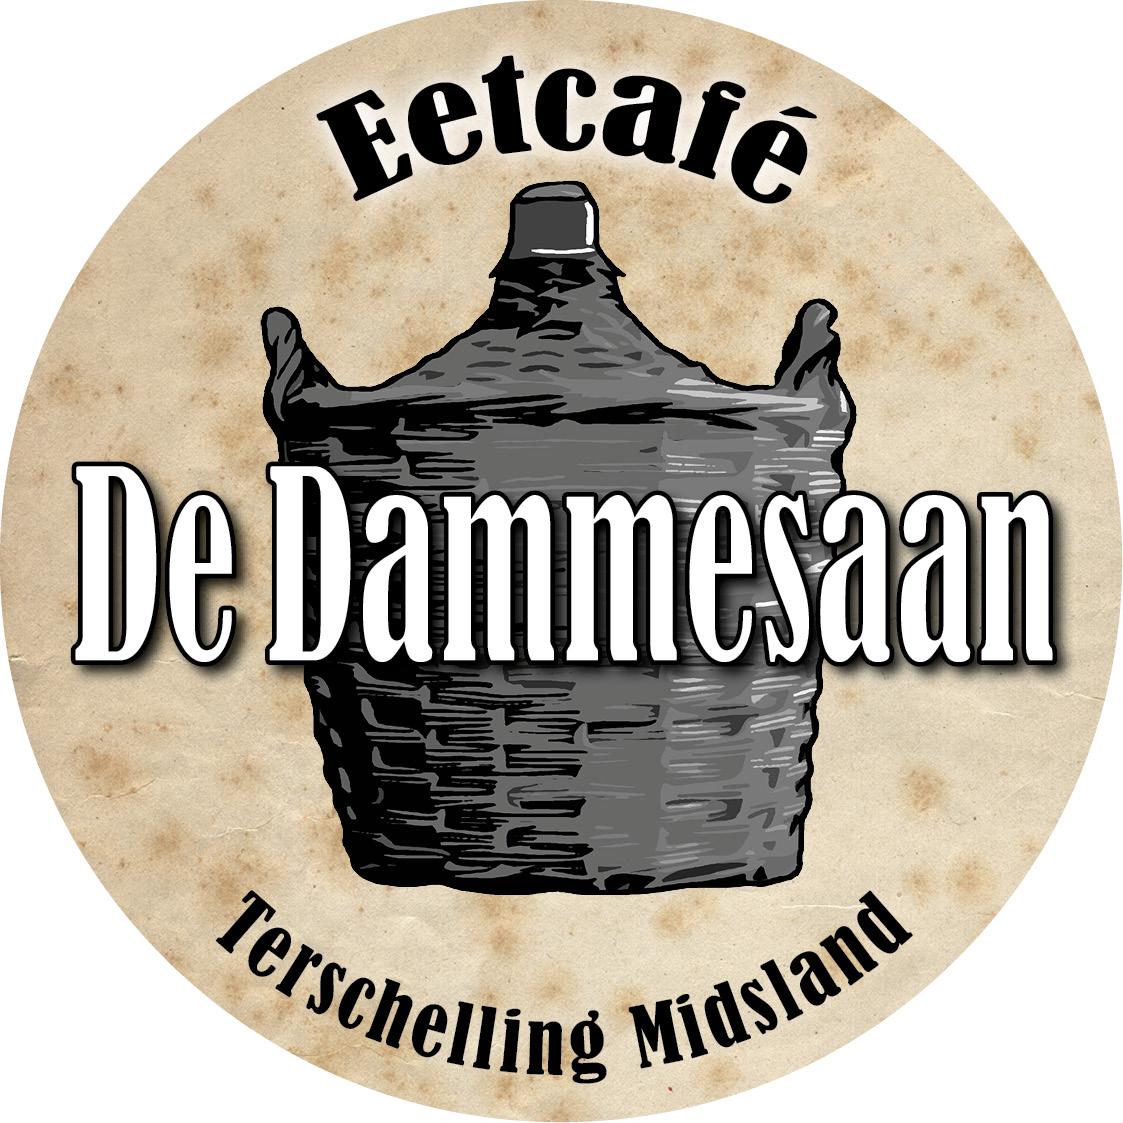 Eetcafé De Dammesaan